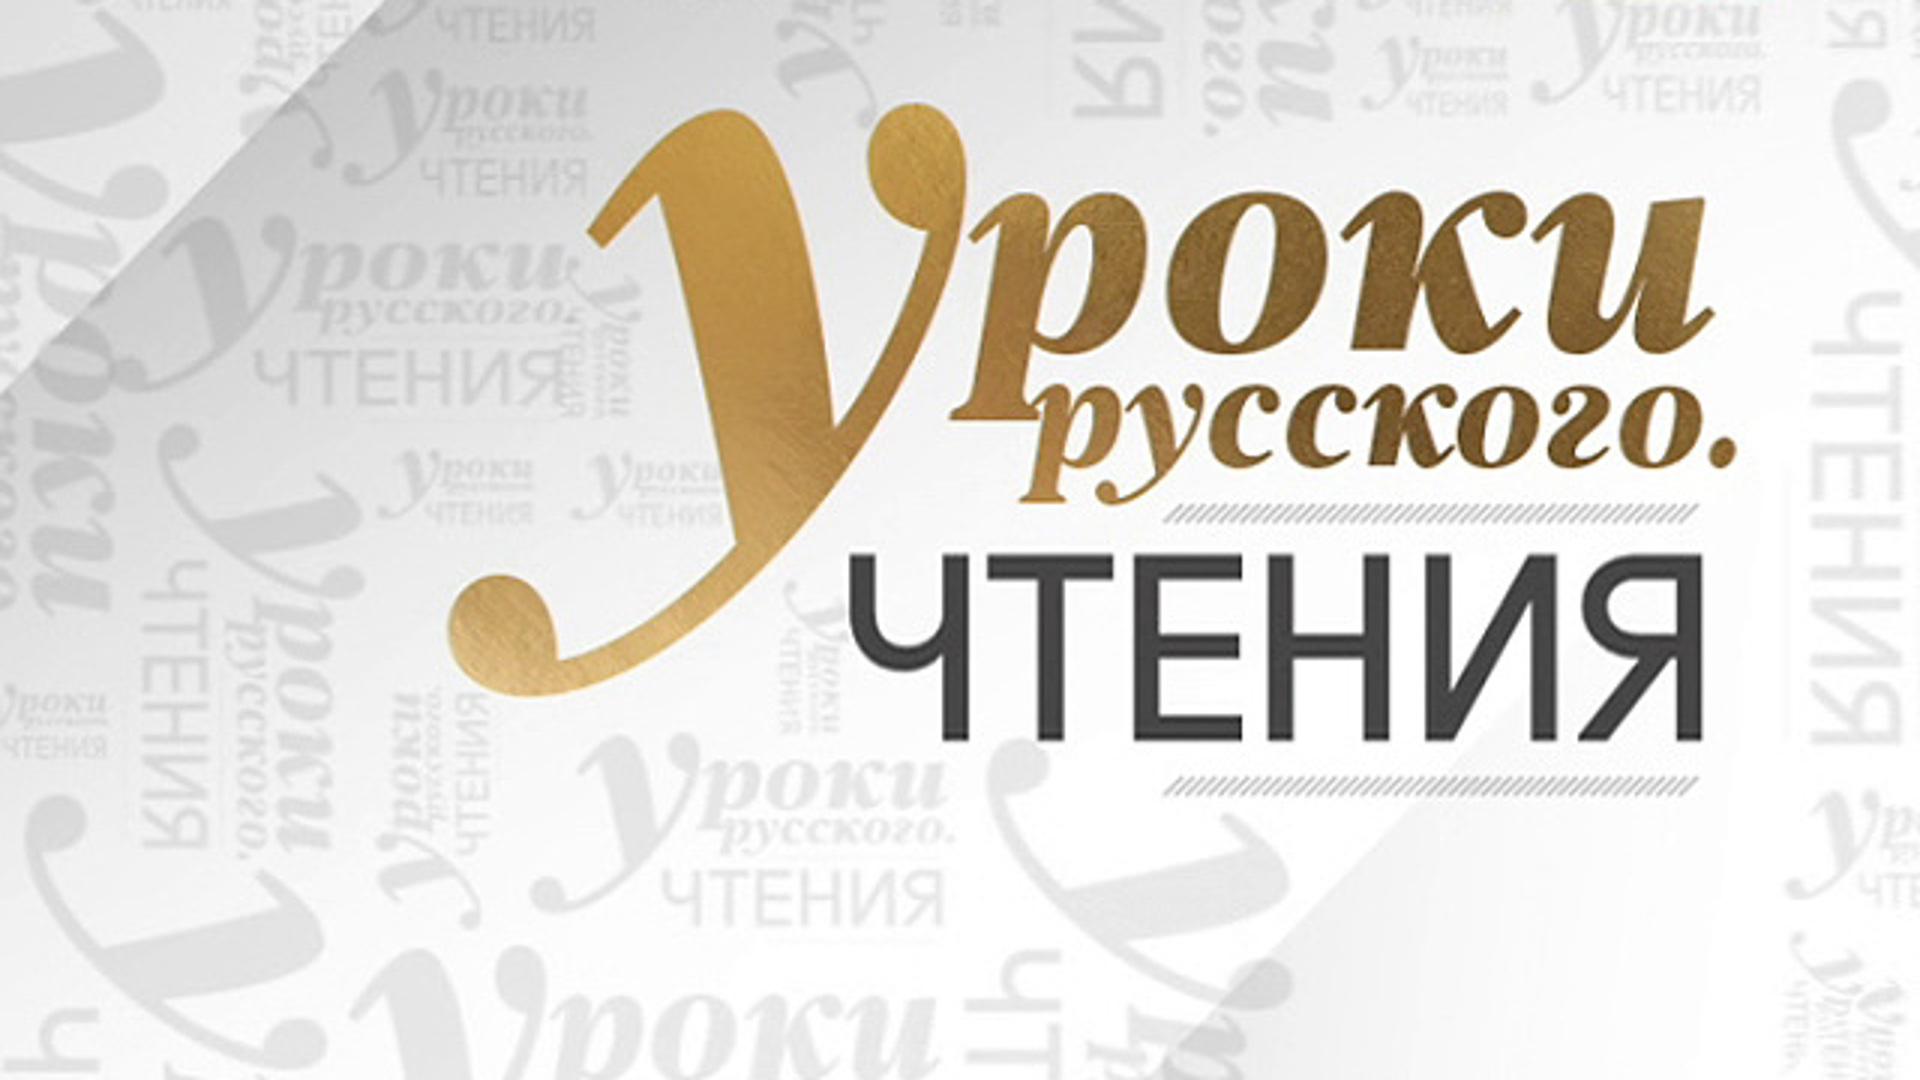 Уроки русского. Чтения